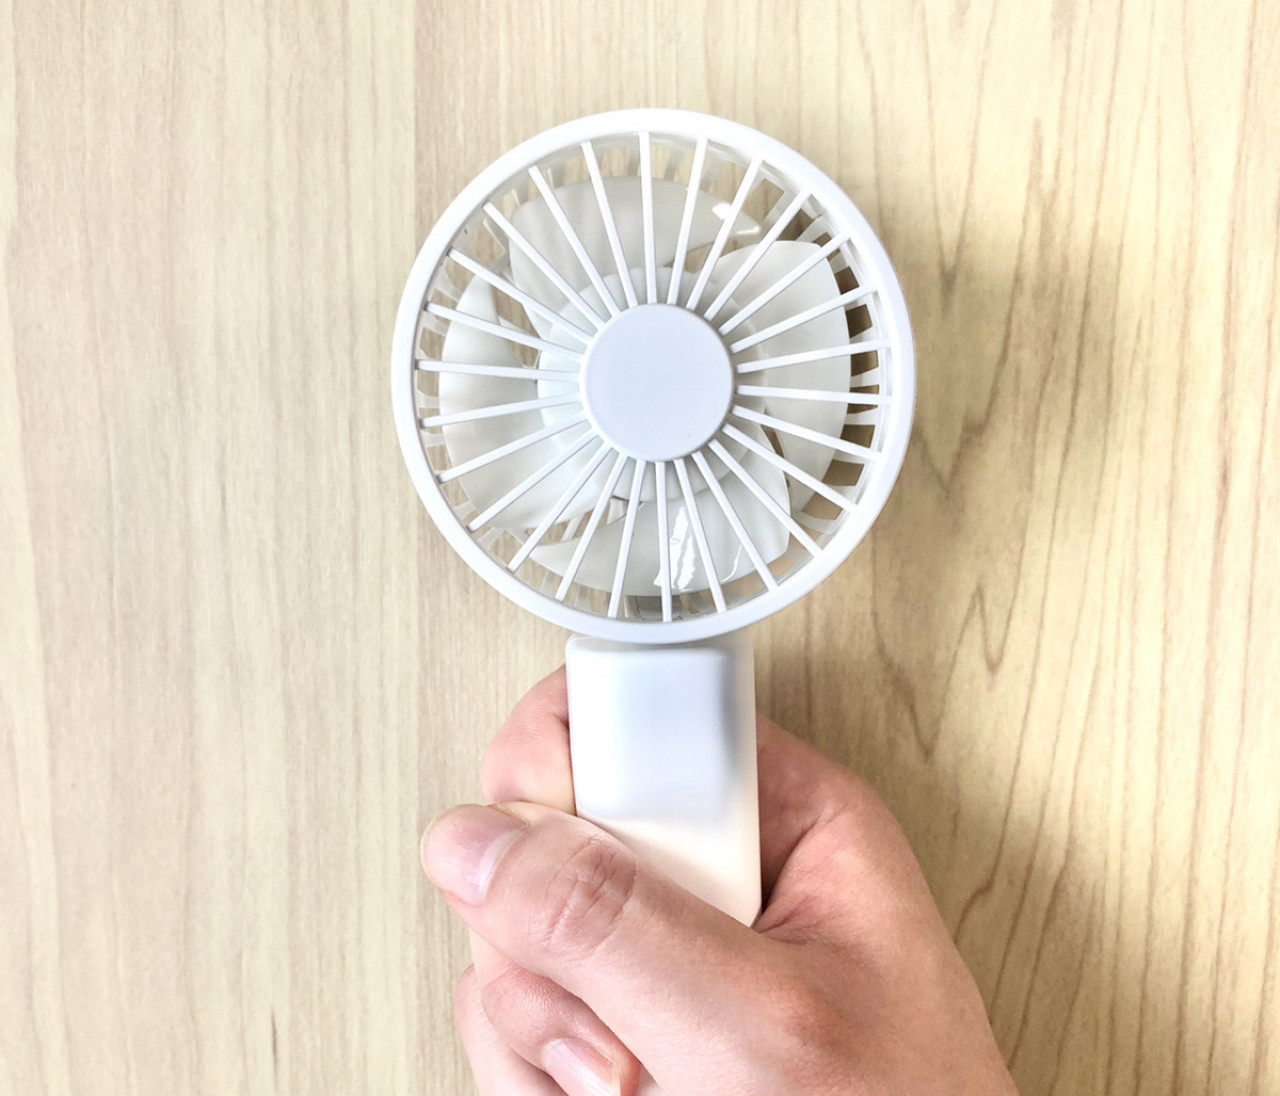 【無印良品】コンパクトなハンディファンが新発売!シンプルデザインで大人にぴったり。990円でコスパも文句なし!